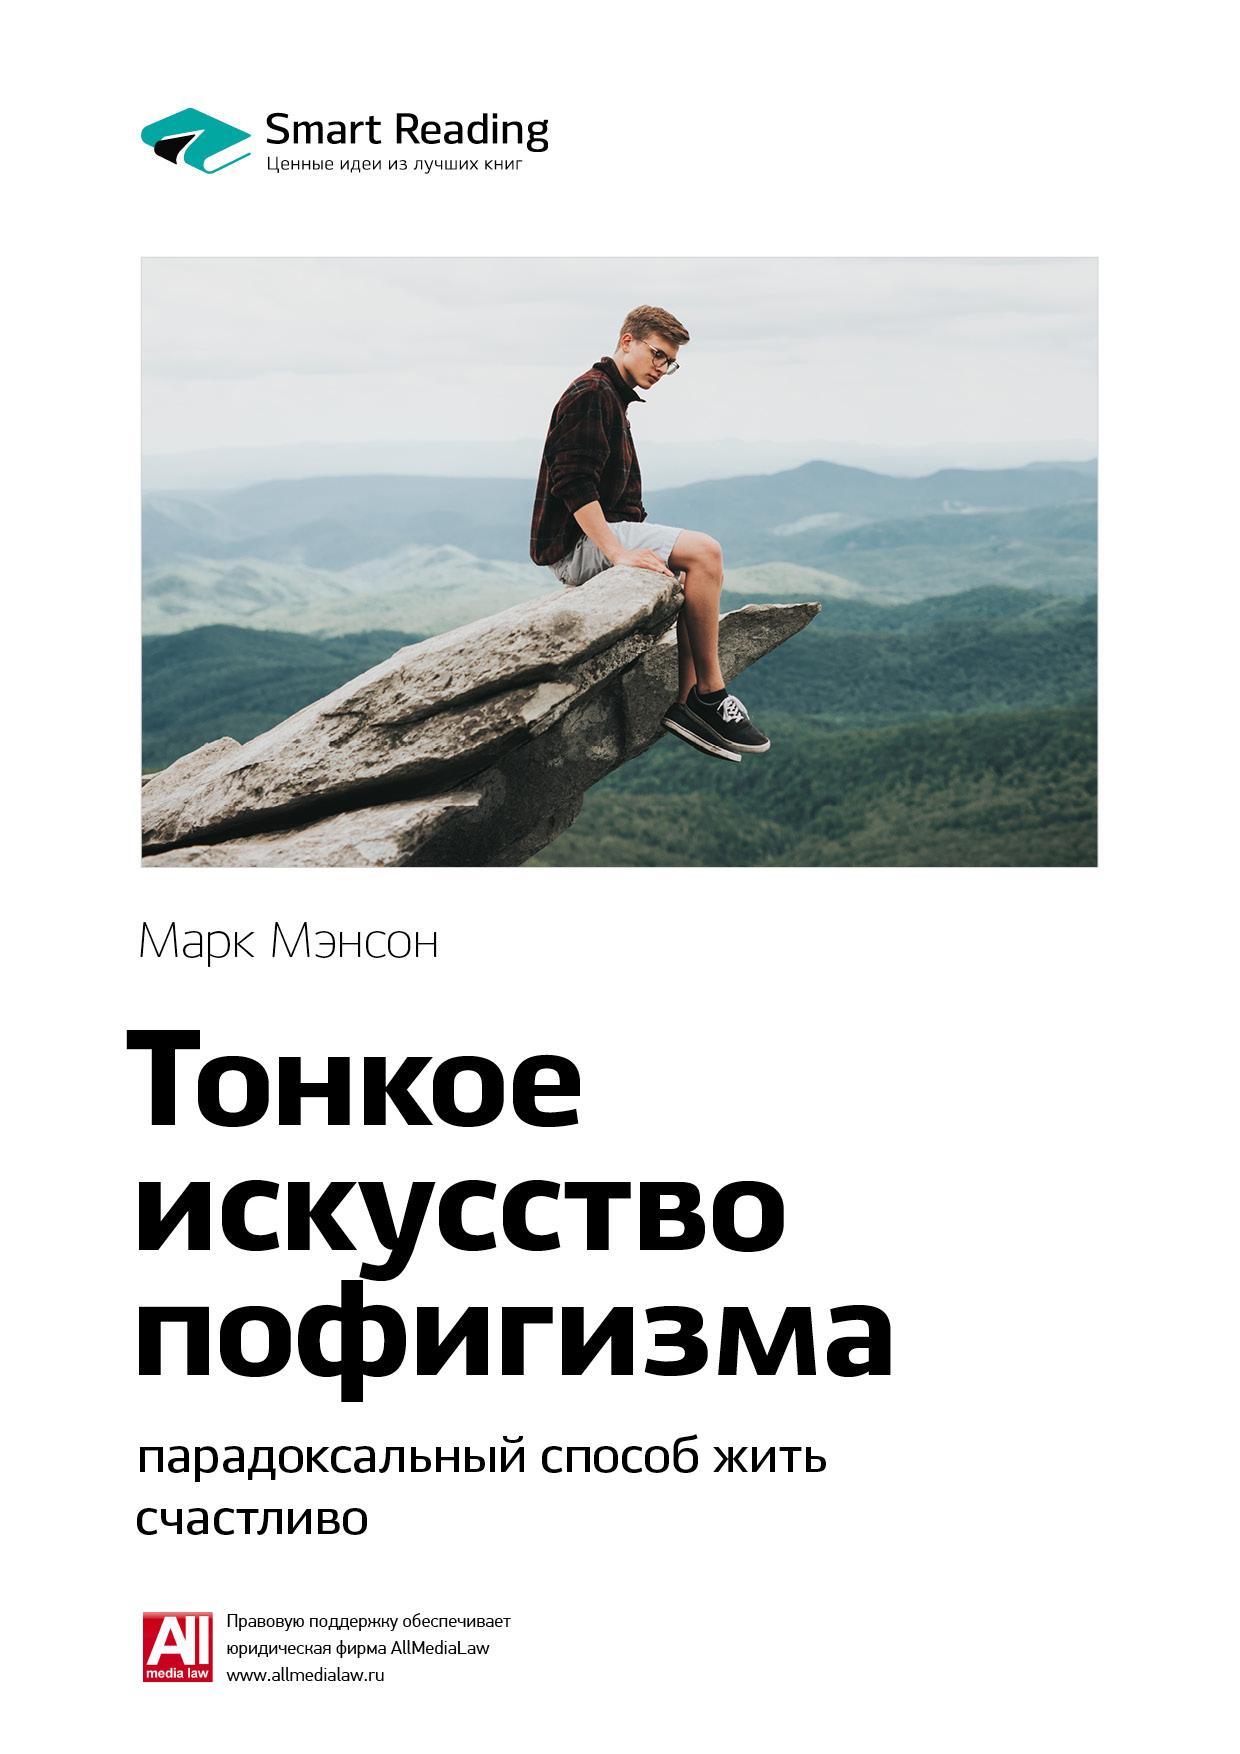 Ключевые идеи книги: Тонкое искусство пофигизма: парадоксальный способ жить счастливо. Марк Мэнсон